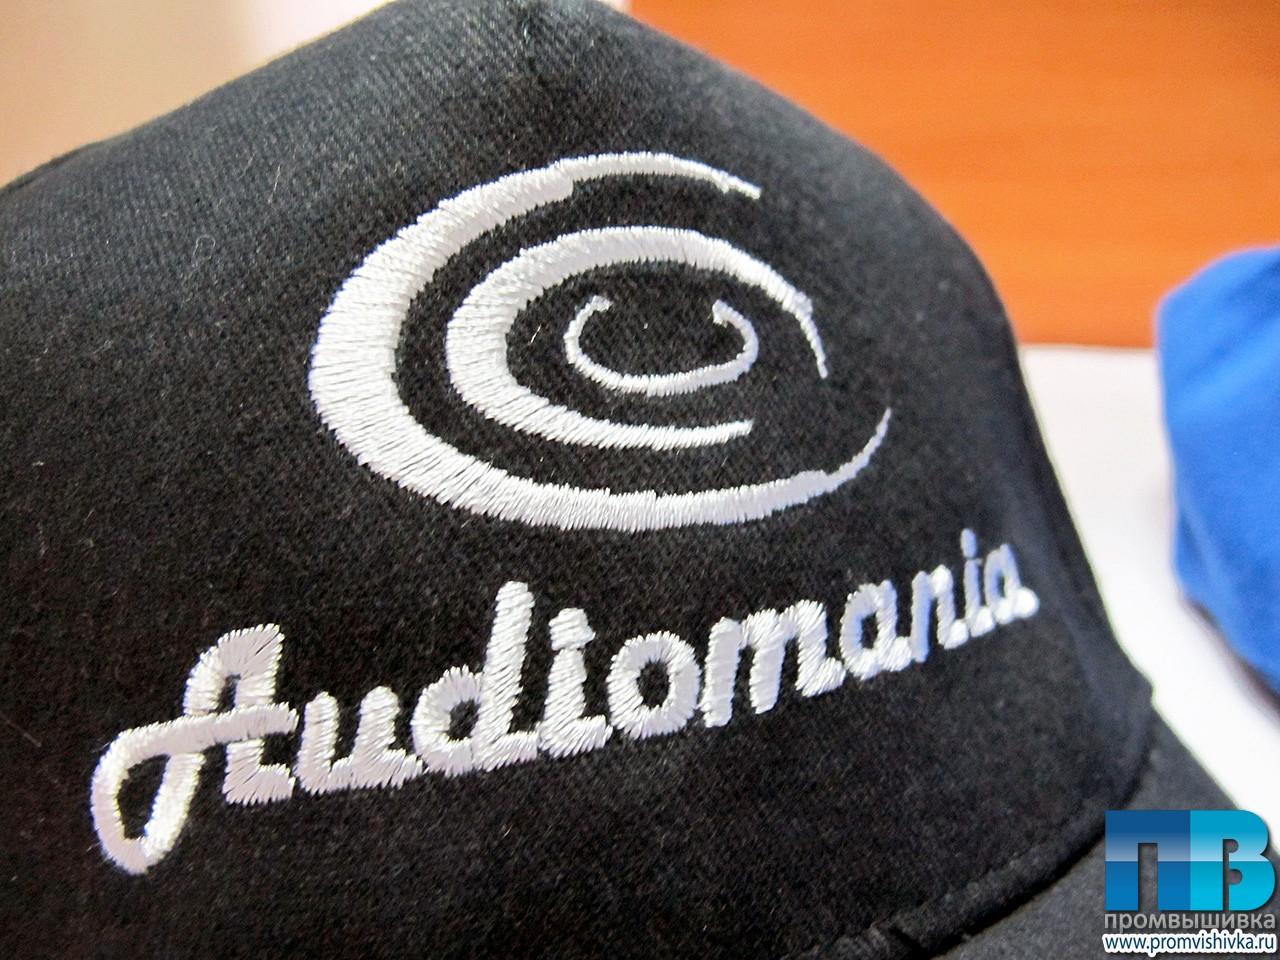 Вышивка логотипа на кепке 39